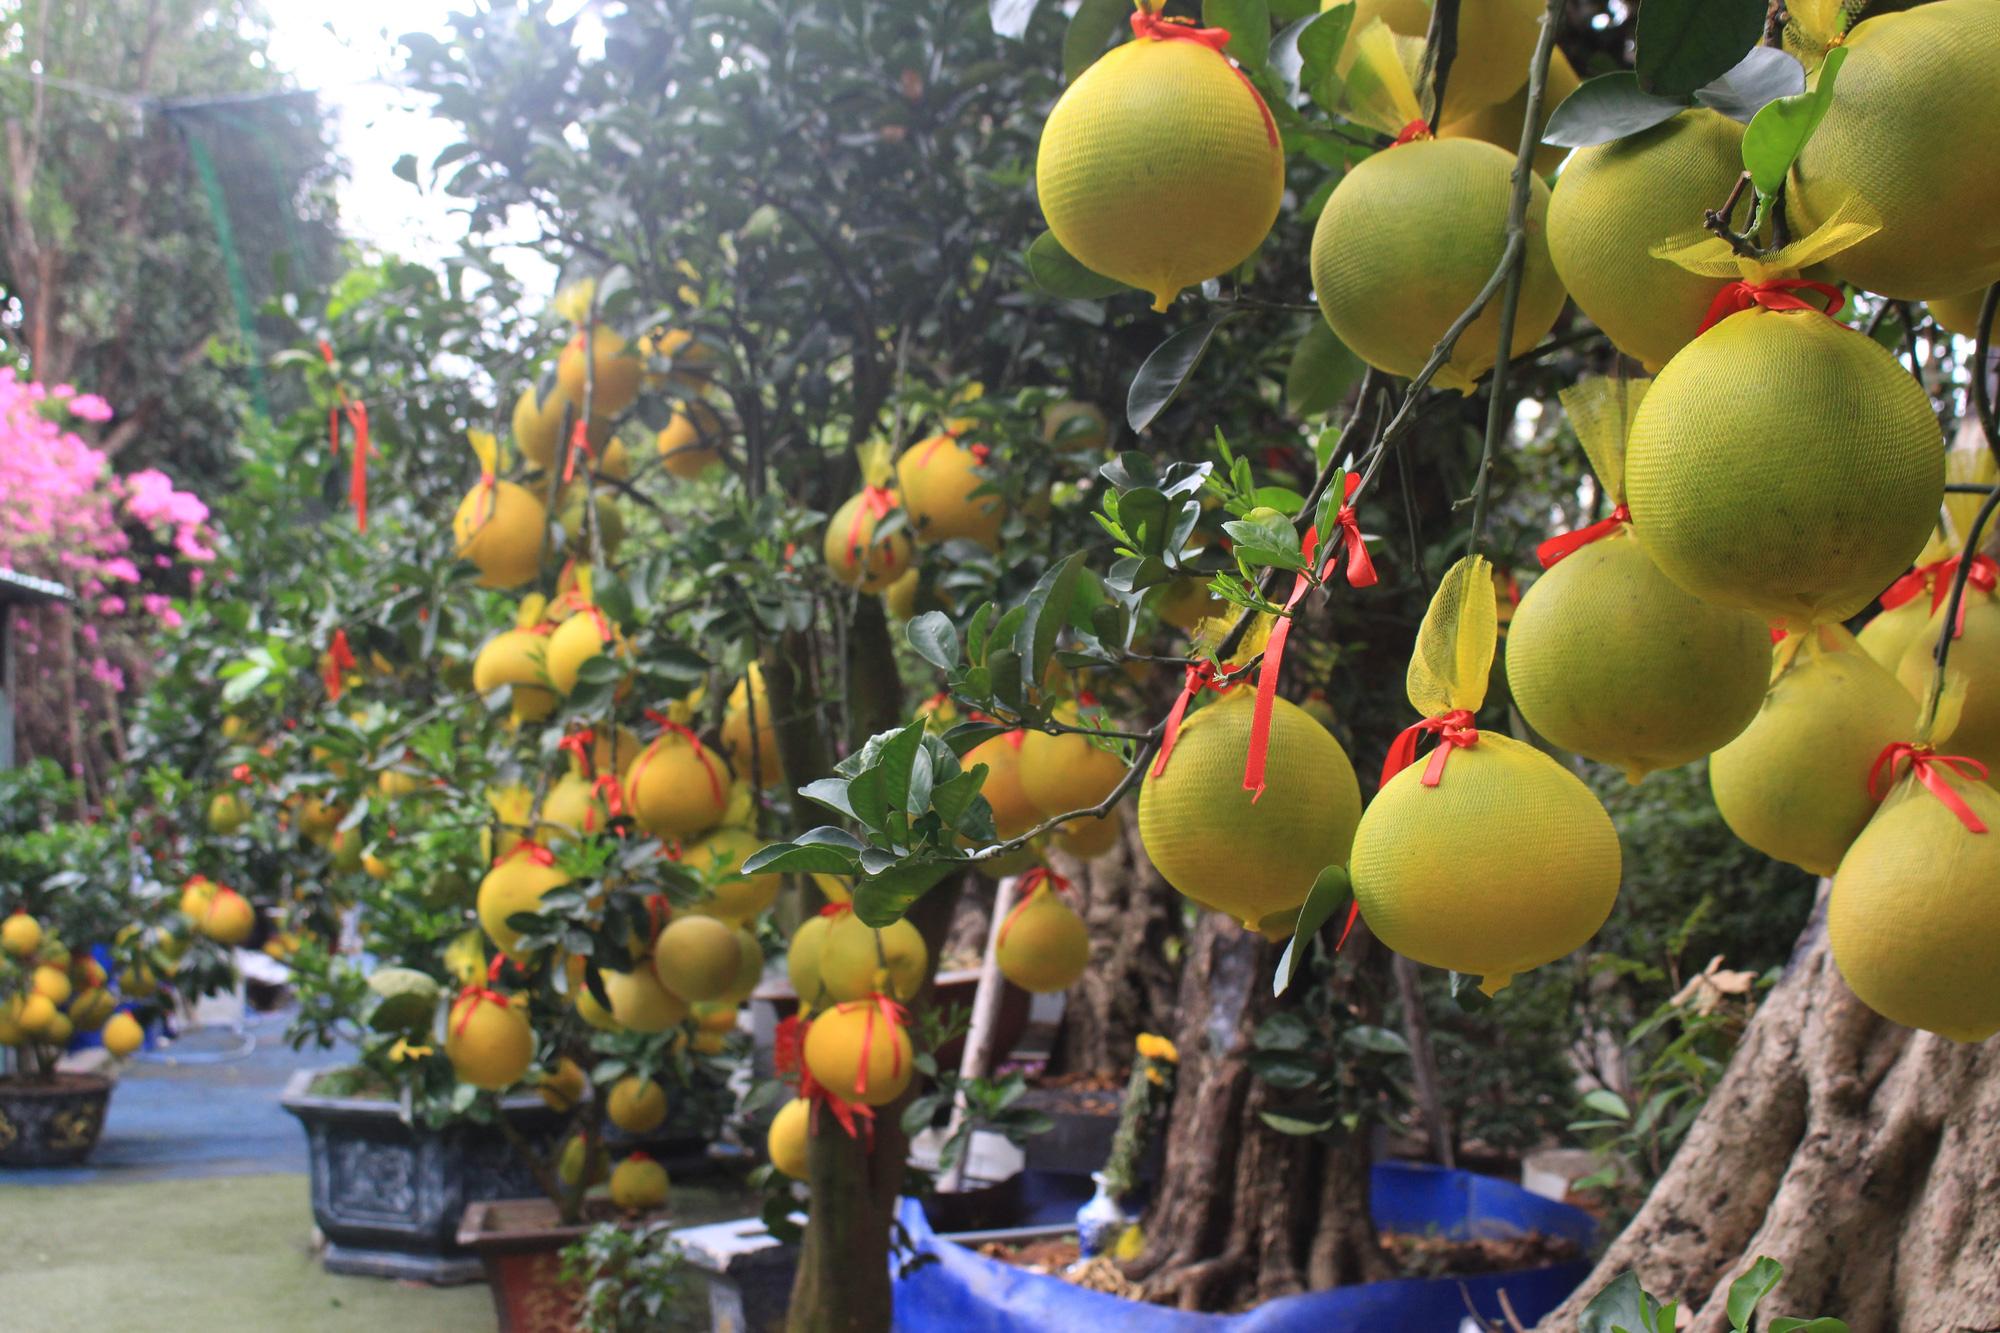 Bưởi Diễn chưng Tết về Sài Gòn, giá tới 70 triệu/cây, người bán bất ngờ vì khách mua nườm nượp - Ảnh 4.